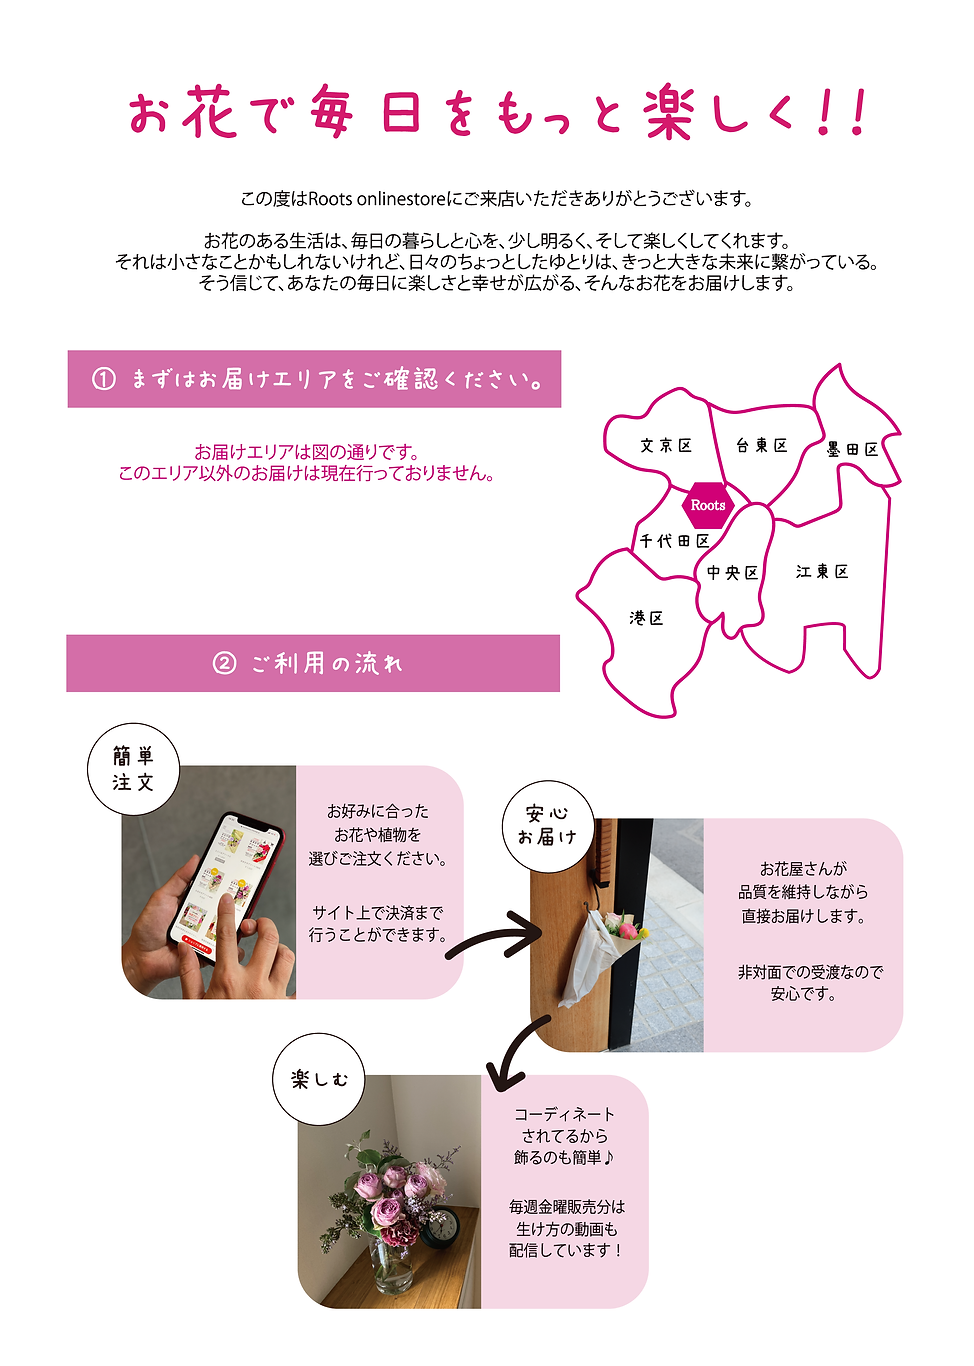 202011リニューアル説明画koutouku追加_アートボード 1.png